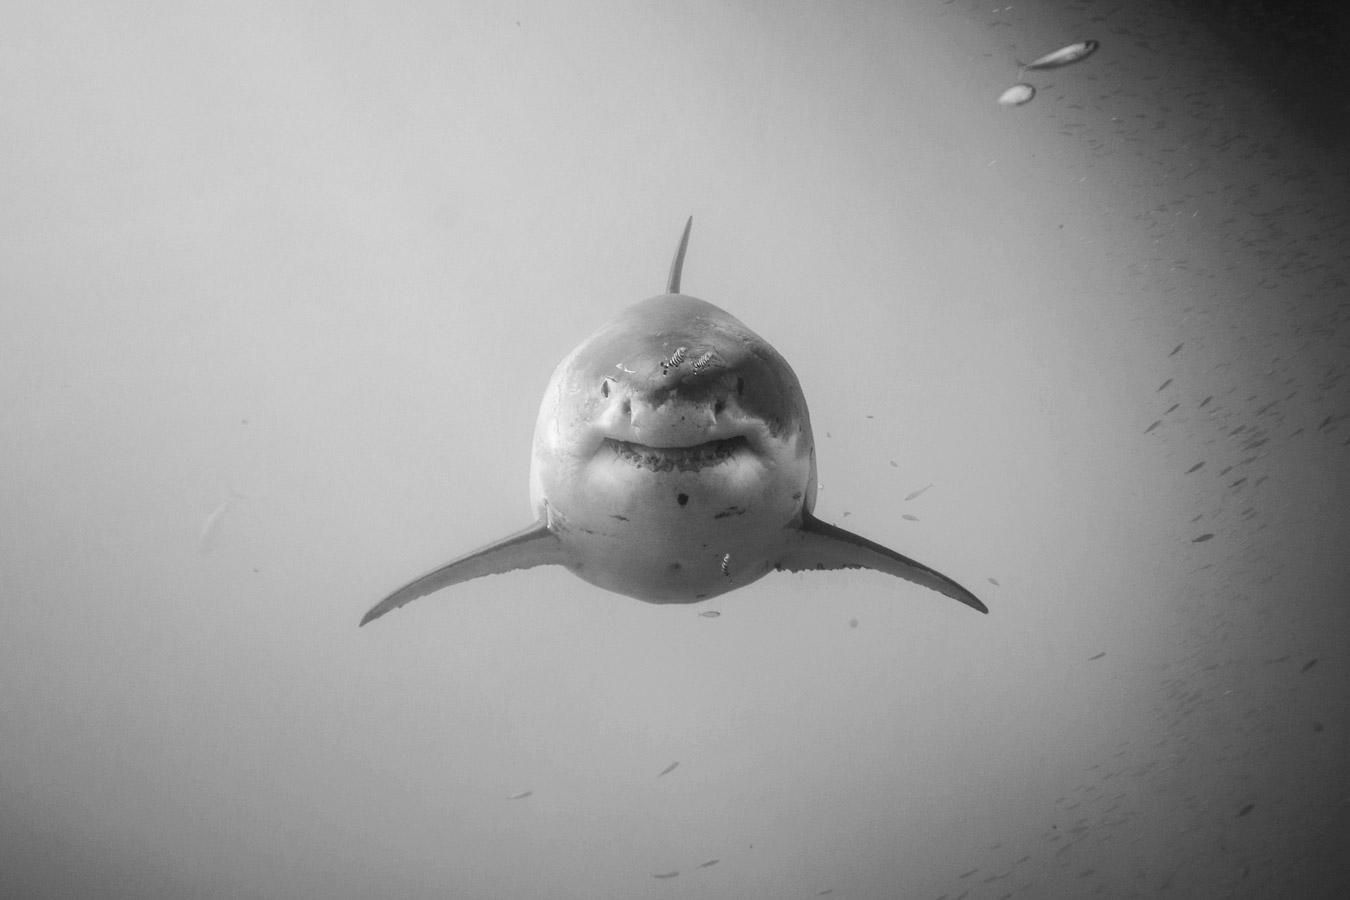 Её имя — Цицимитль, © Эшли Мовер, Санта-Барбара, Калифорния, США, Финалист категории «Подводная» : любитель, Фотоконкурс «Великие просторы» — пейзажи и живая природа — The Great Outdoors